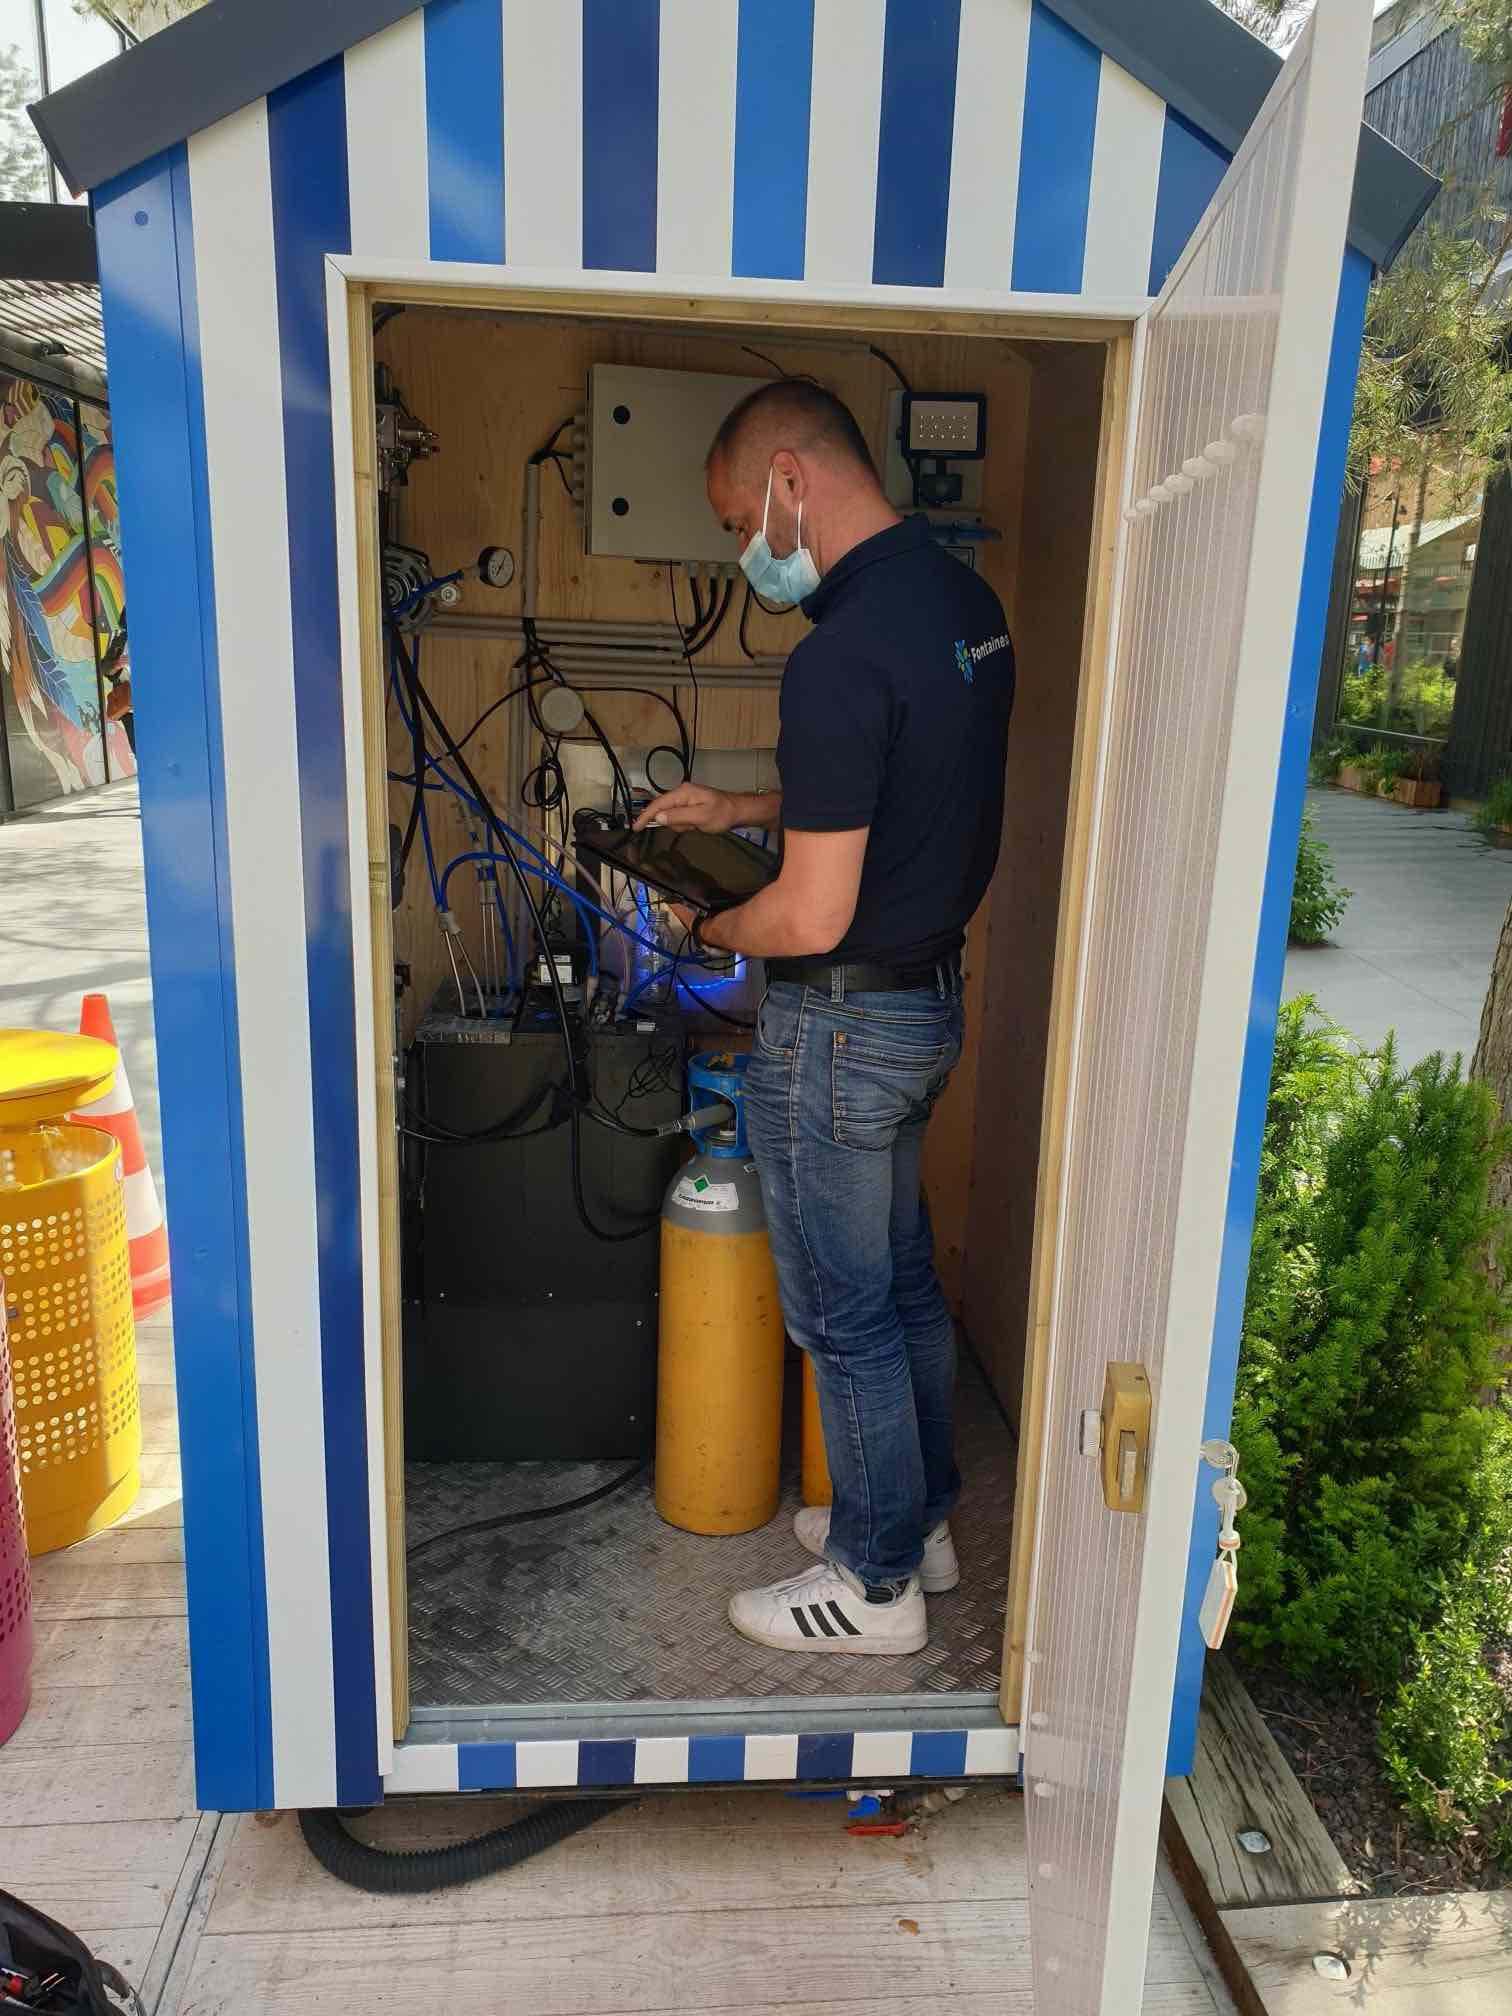 Technicien Fontaineo en train de vérifier une fontaine dans le cadre d'une installation de fontaine à eau